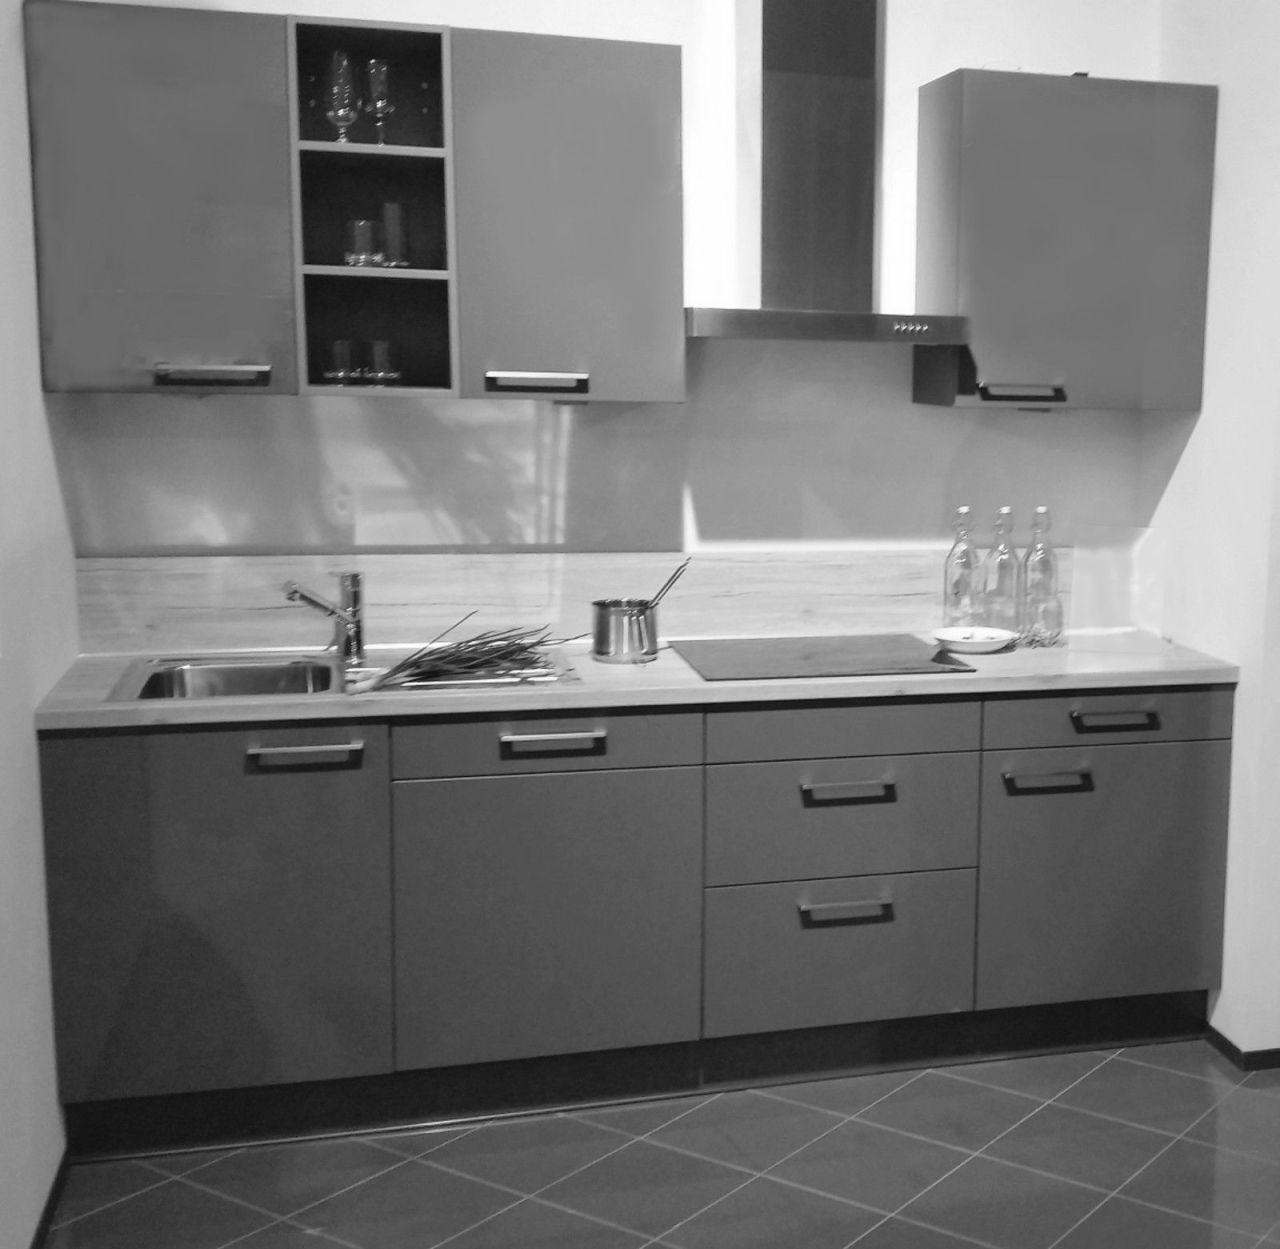 Einbauküche MANKAFLASH 20 in Anthrazit Küchenzeile Küche 240 cm mit E-Geräte